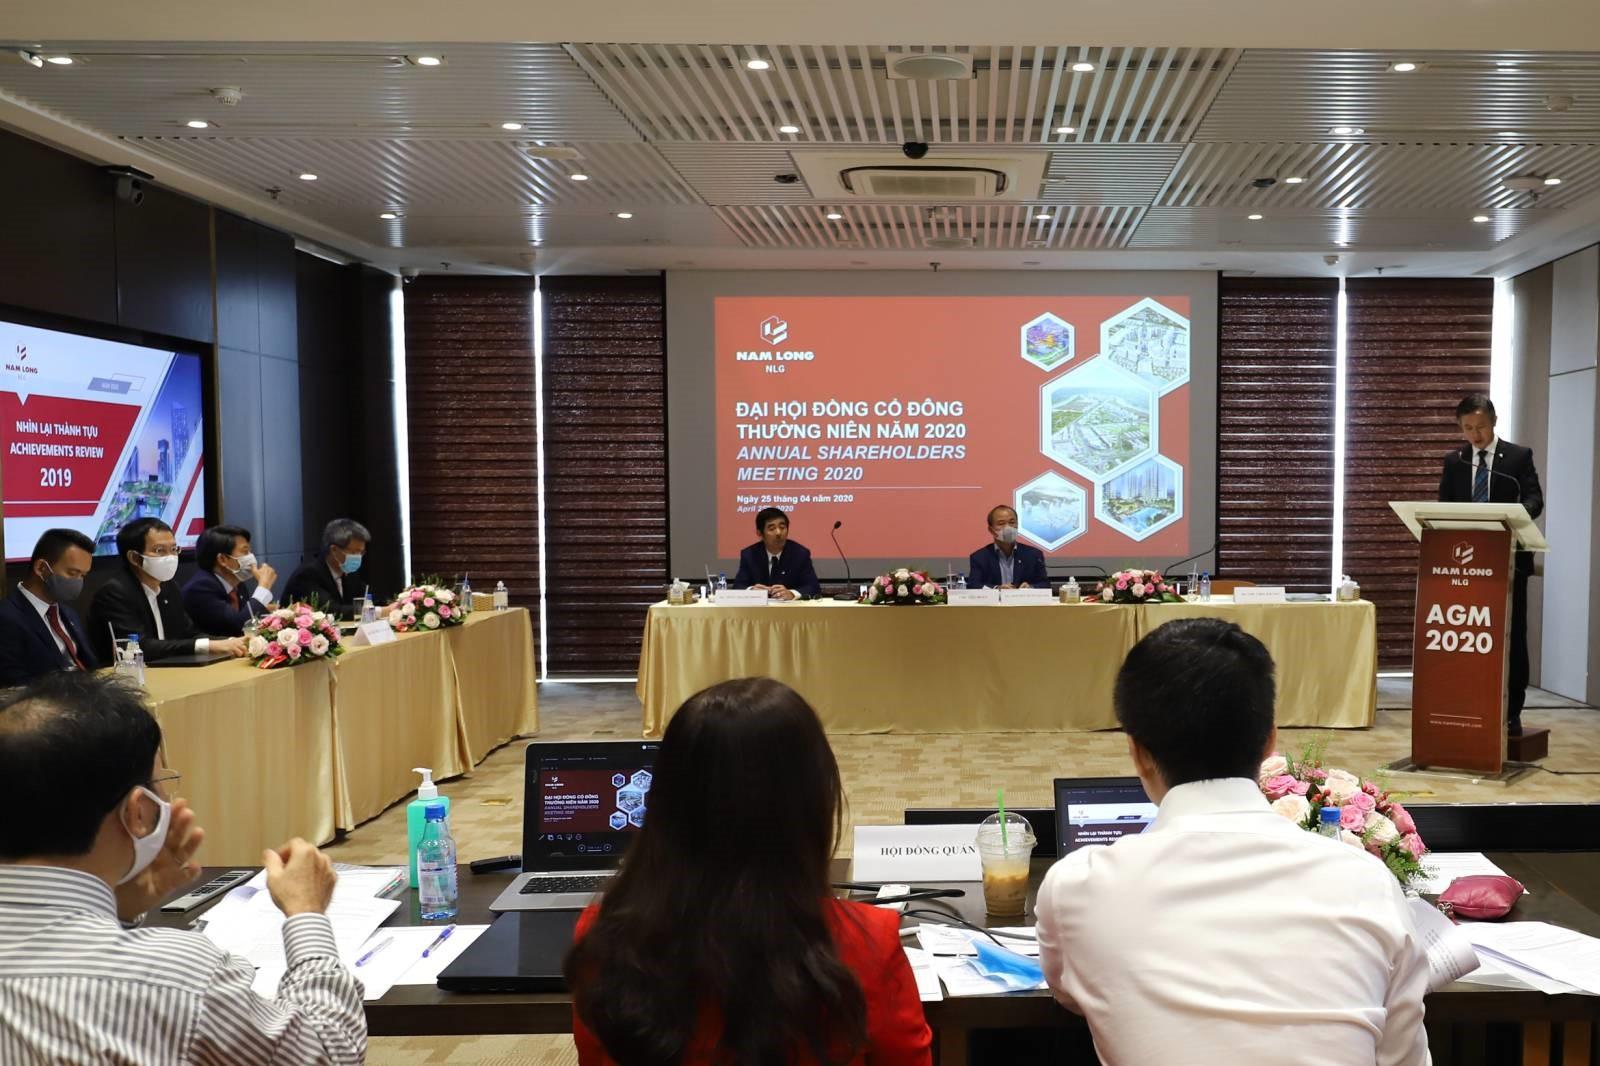 Tập đoàn Nam Long (HOSE: NLG) tổ chức trực tuyến Đại hội cổ đông 2020